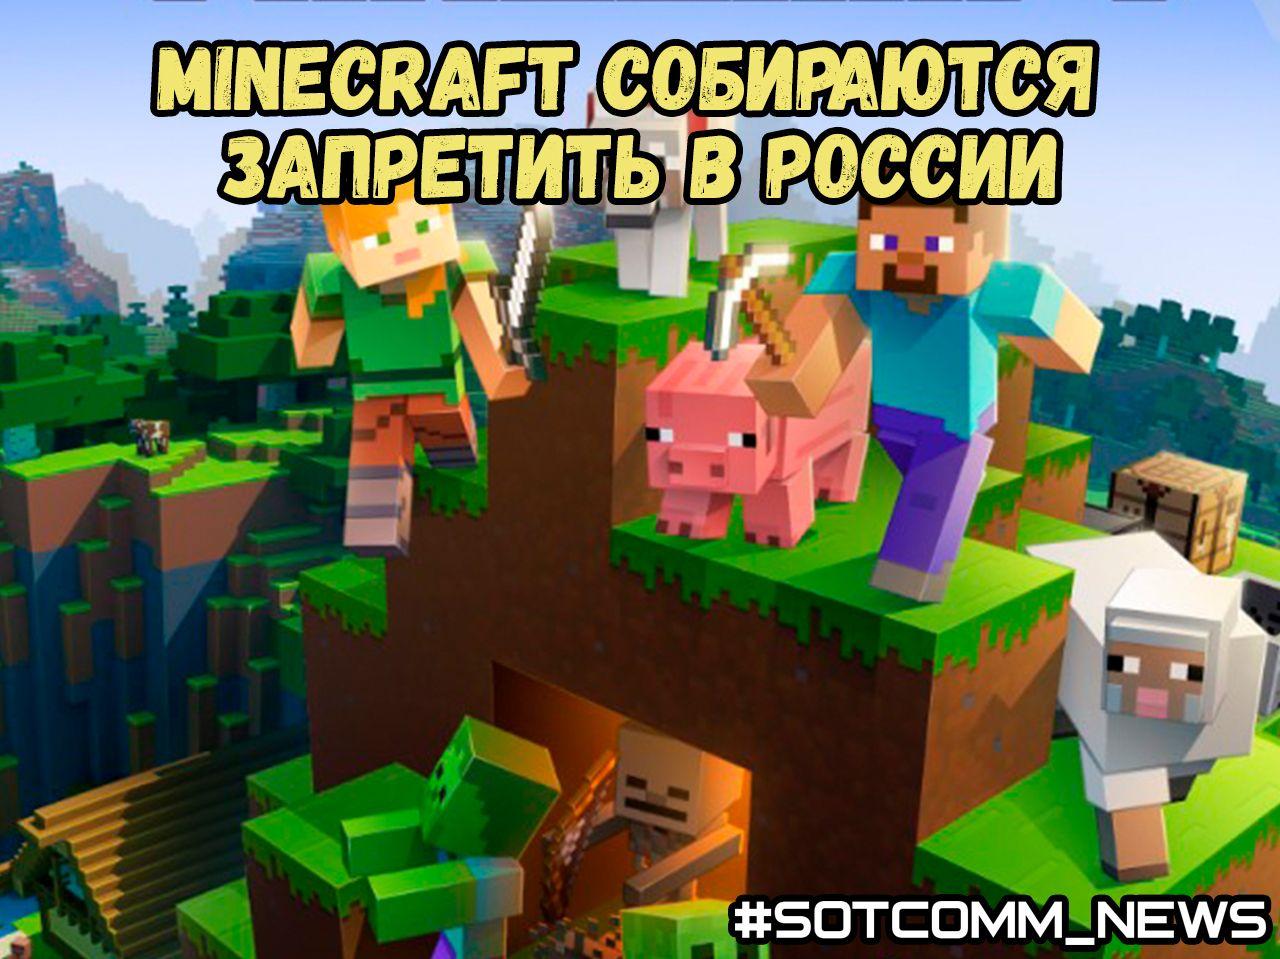 Minecraft собираются запретить в России